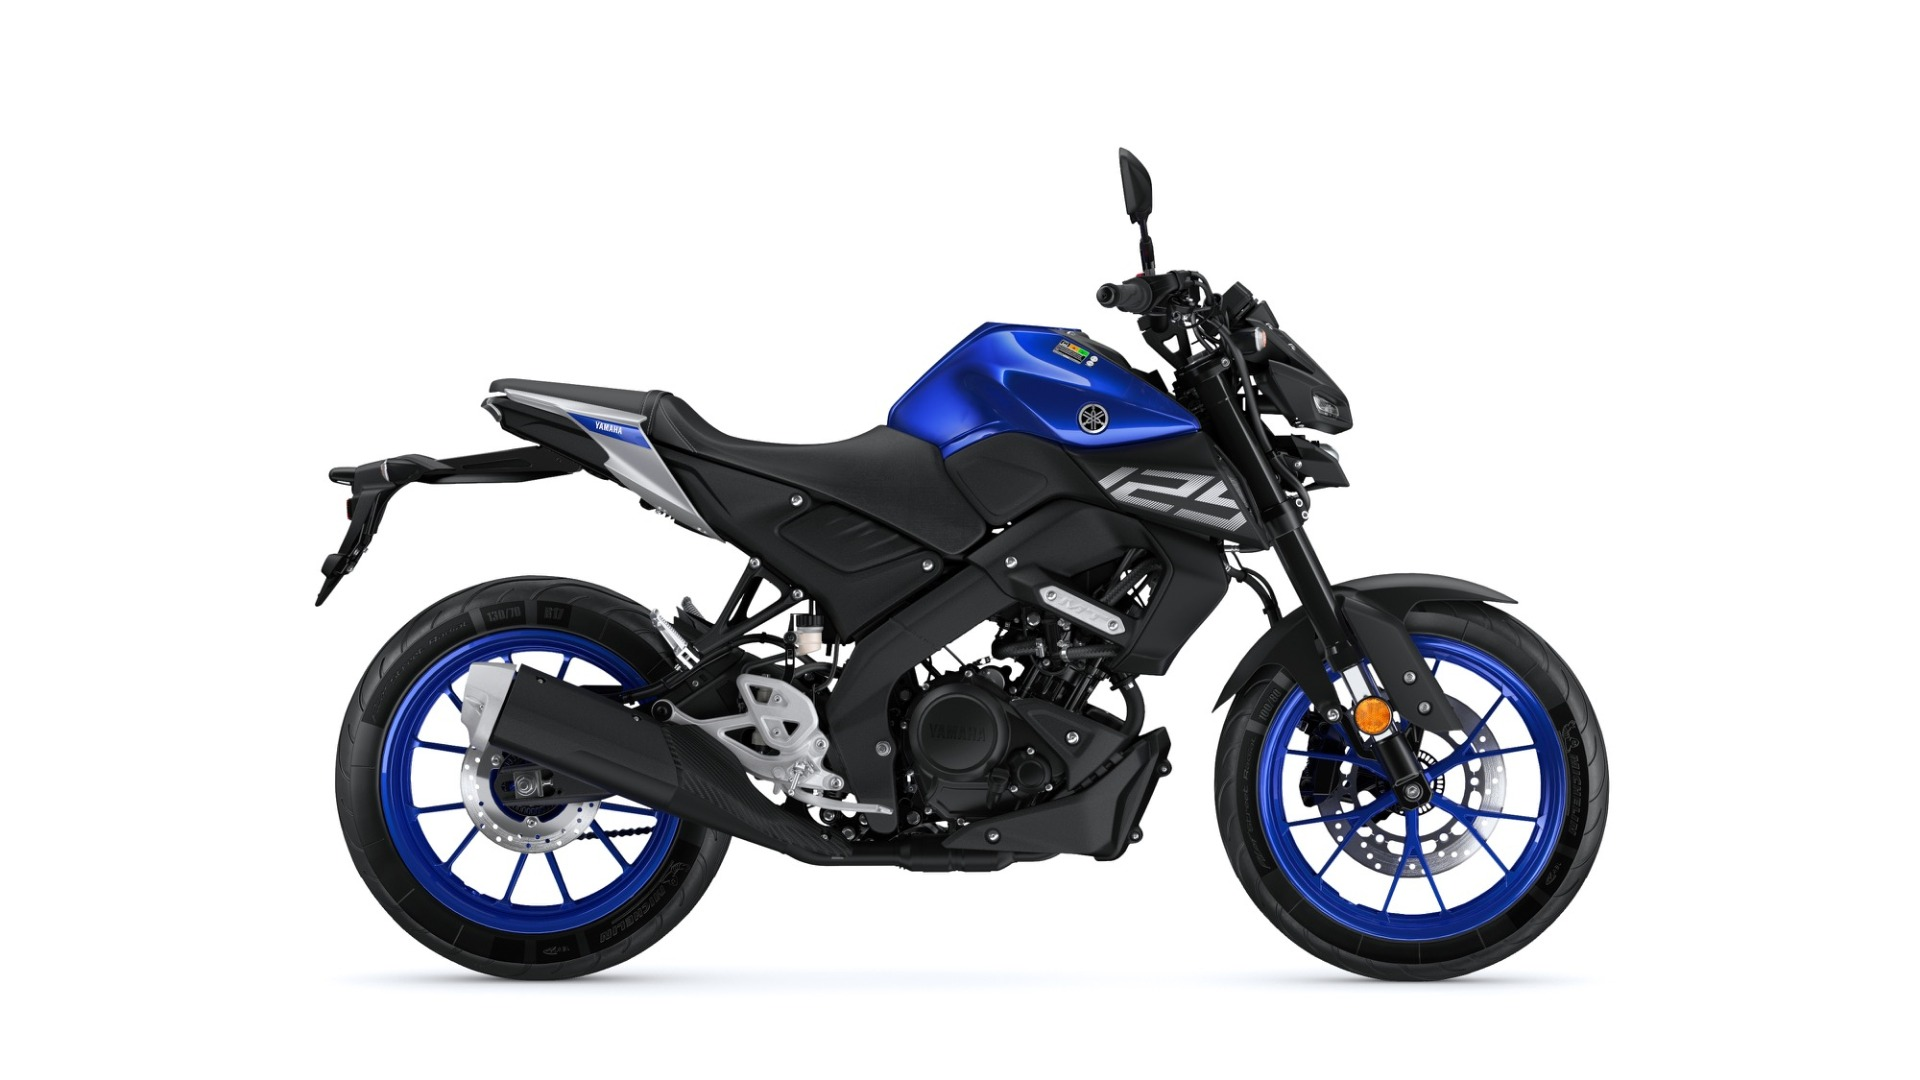 Yamaha MT-125 2020, galería de fotos de la nueva naked A1 de Yamaha